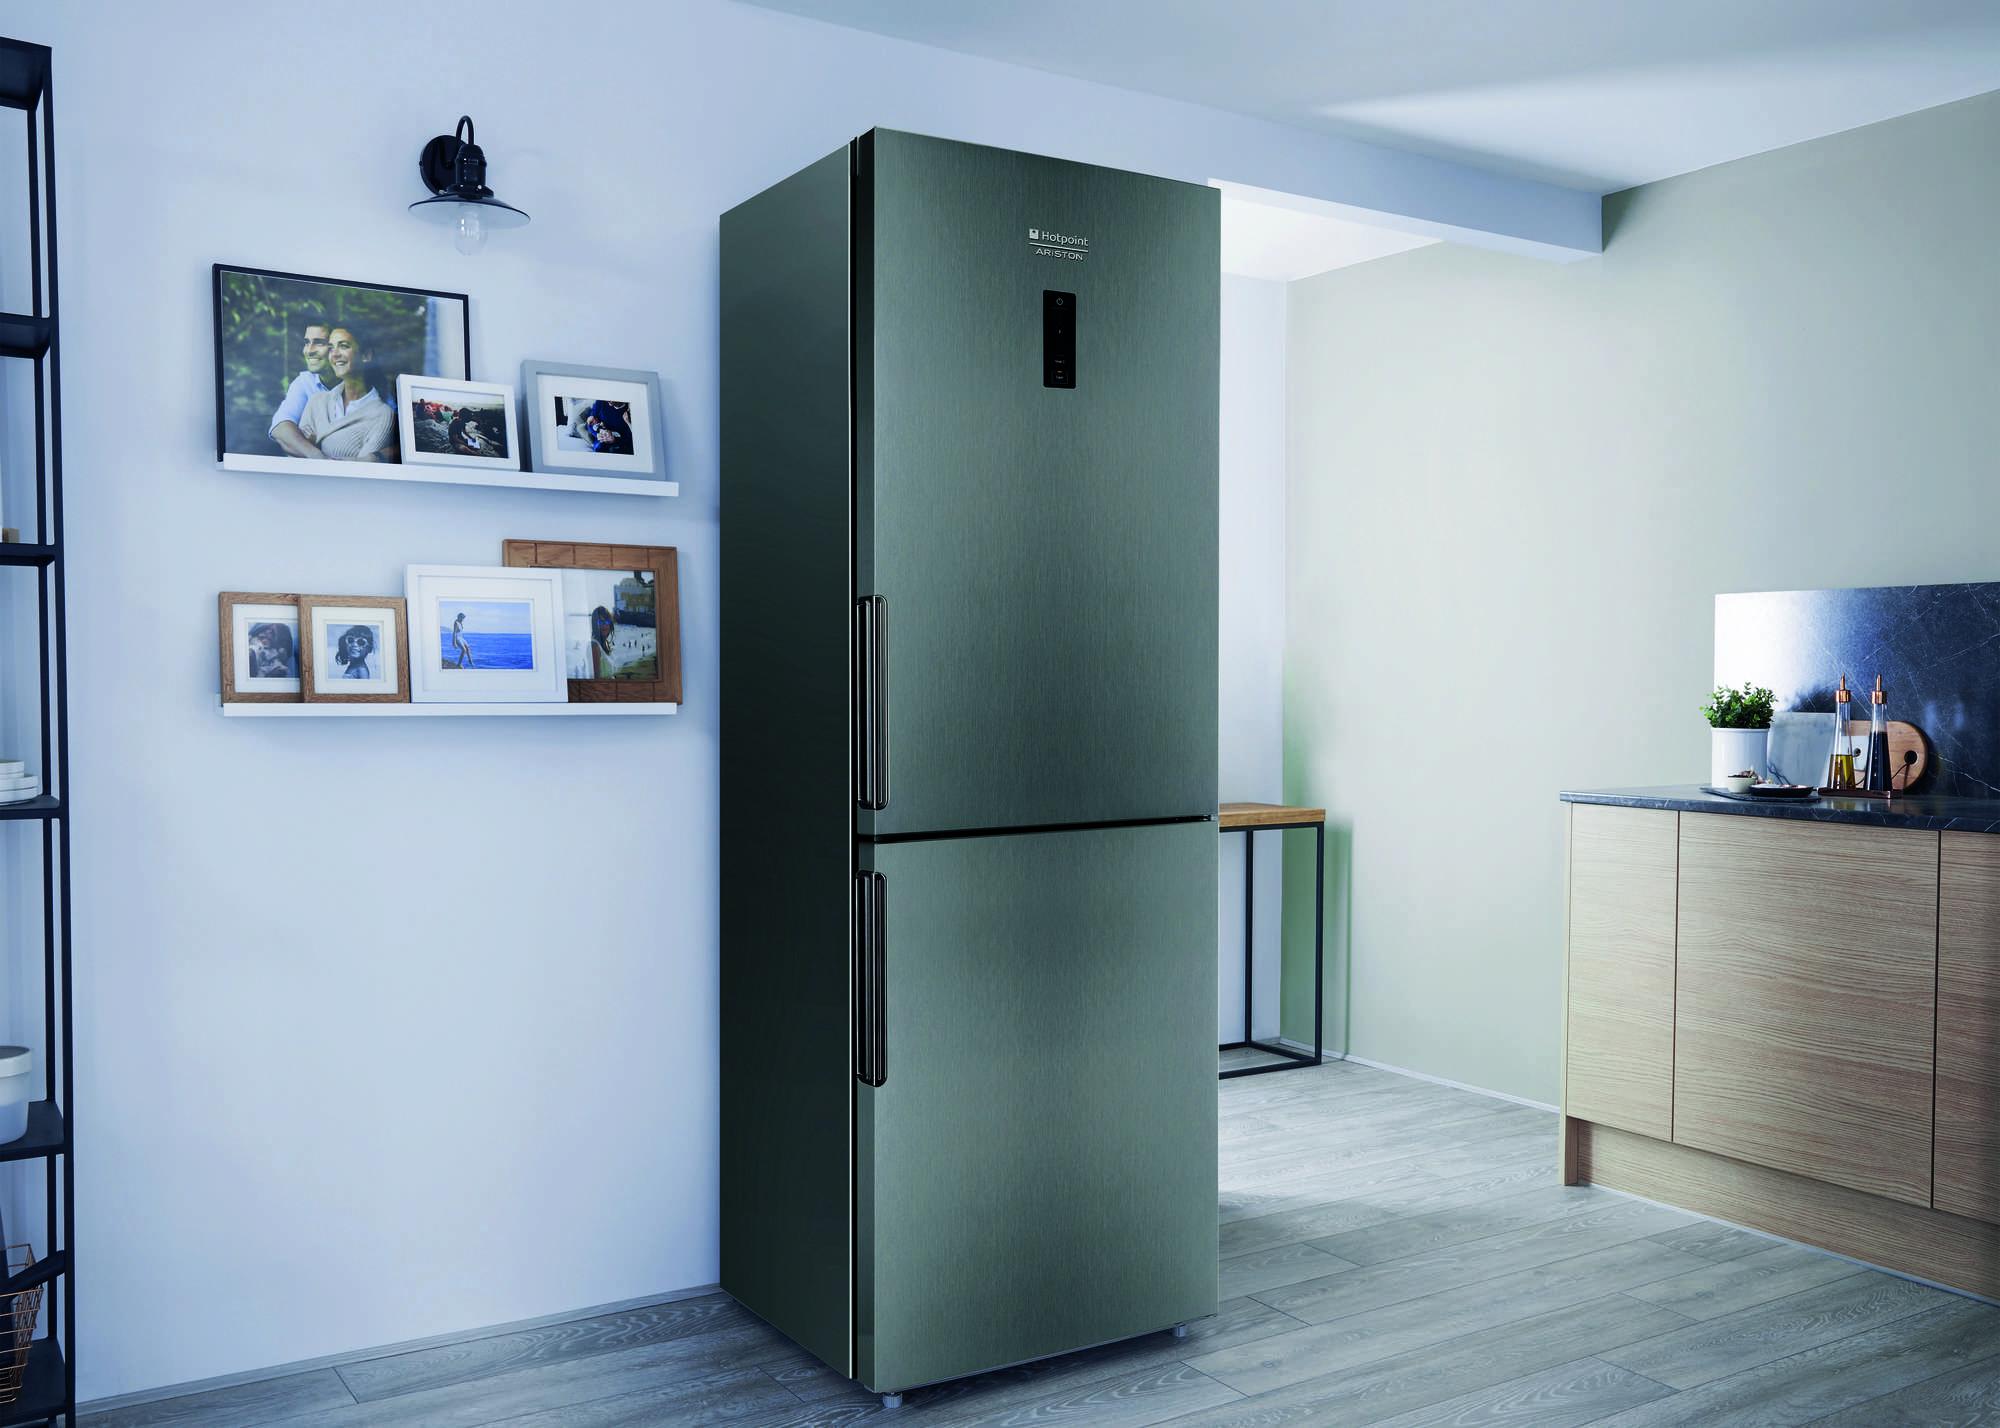 bonne marque de frigo free bonne marque de frigo with bonne marque de frigo marque faure. Black Bedroom Furniture Sets. Home Design Ideas